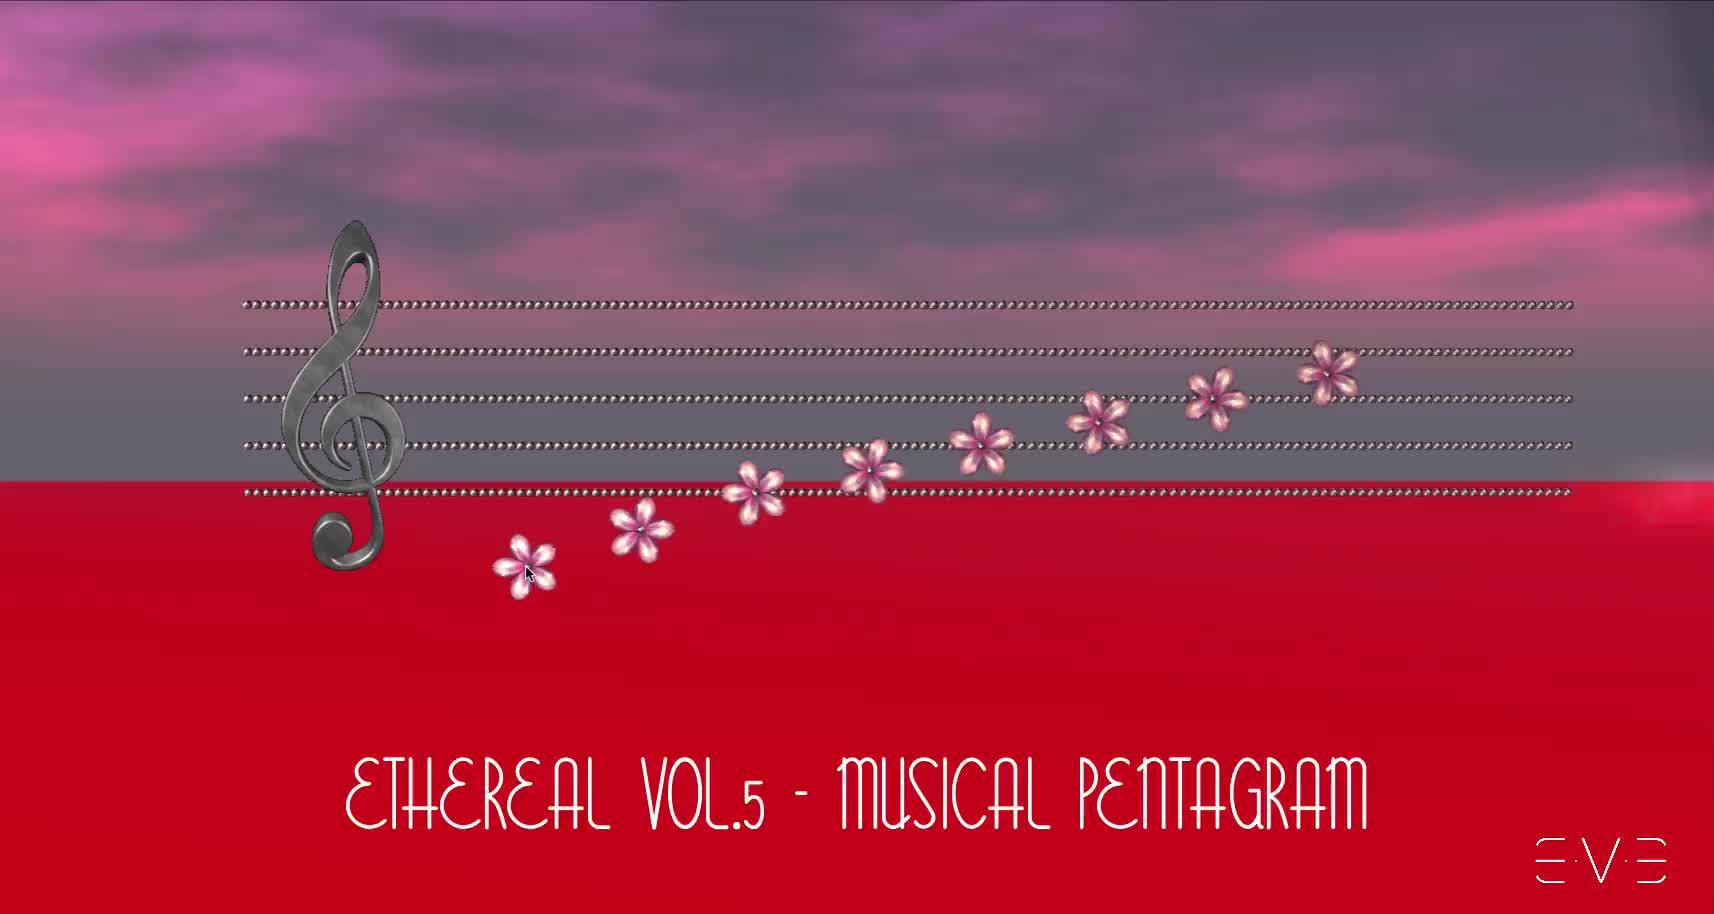 E.V.E Teaser Video - Musical Pentagram Test 01